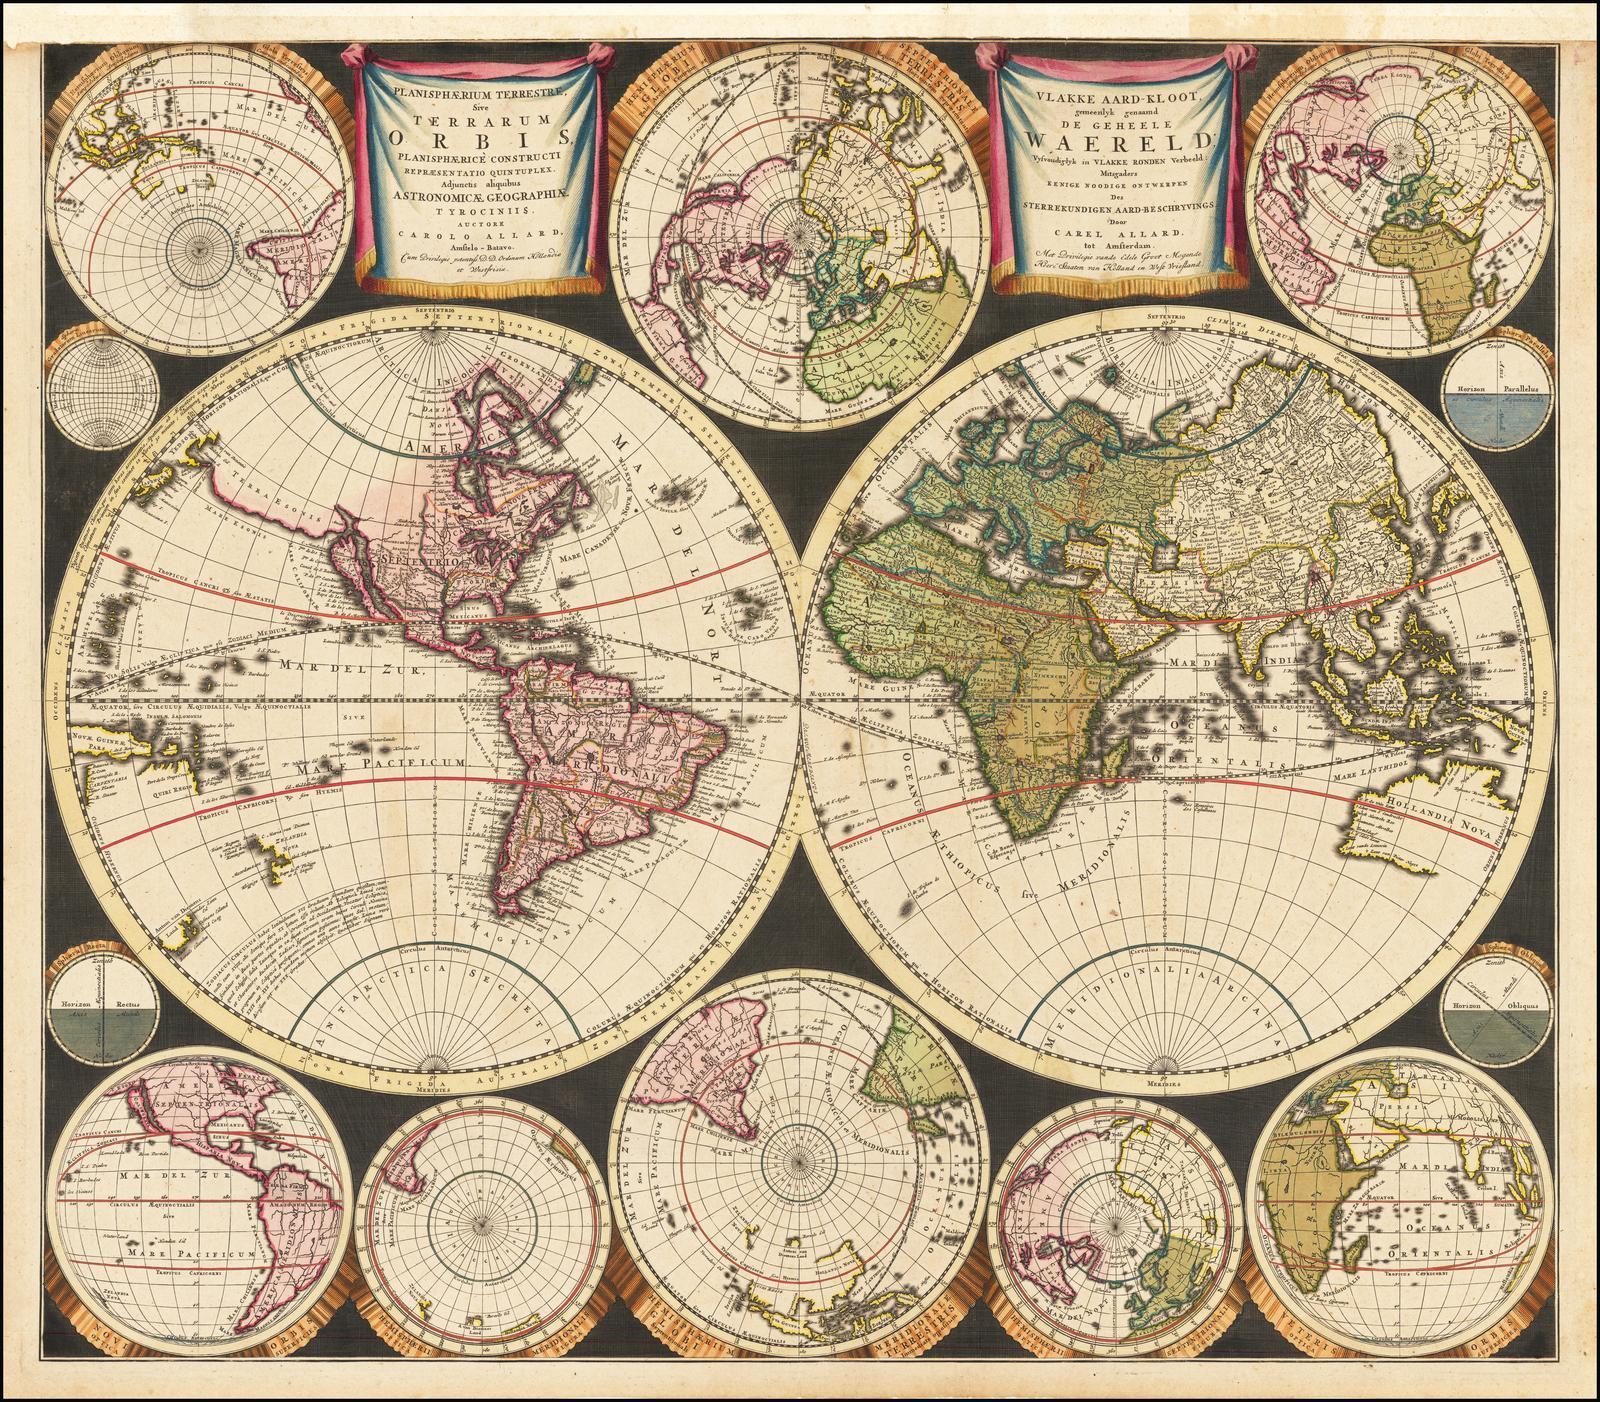 Редкая карта с изображением мира работы Алларда, сделанная в 1696 году